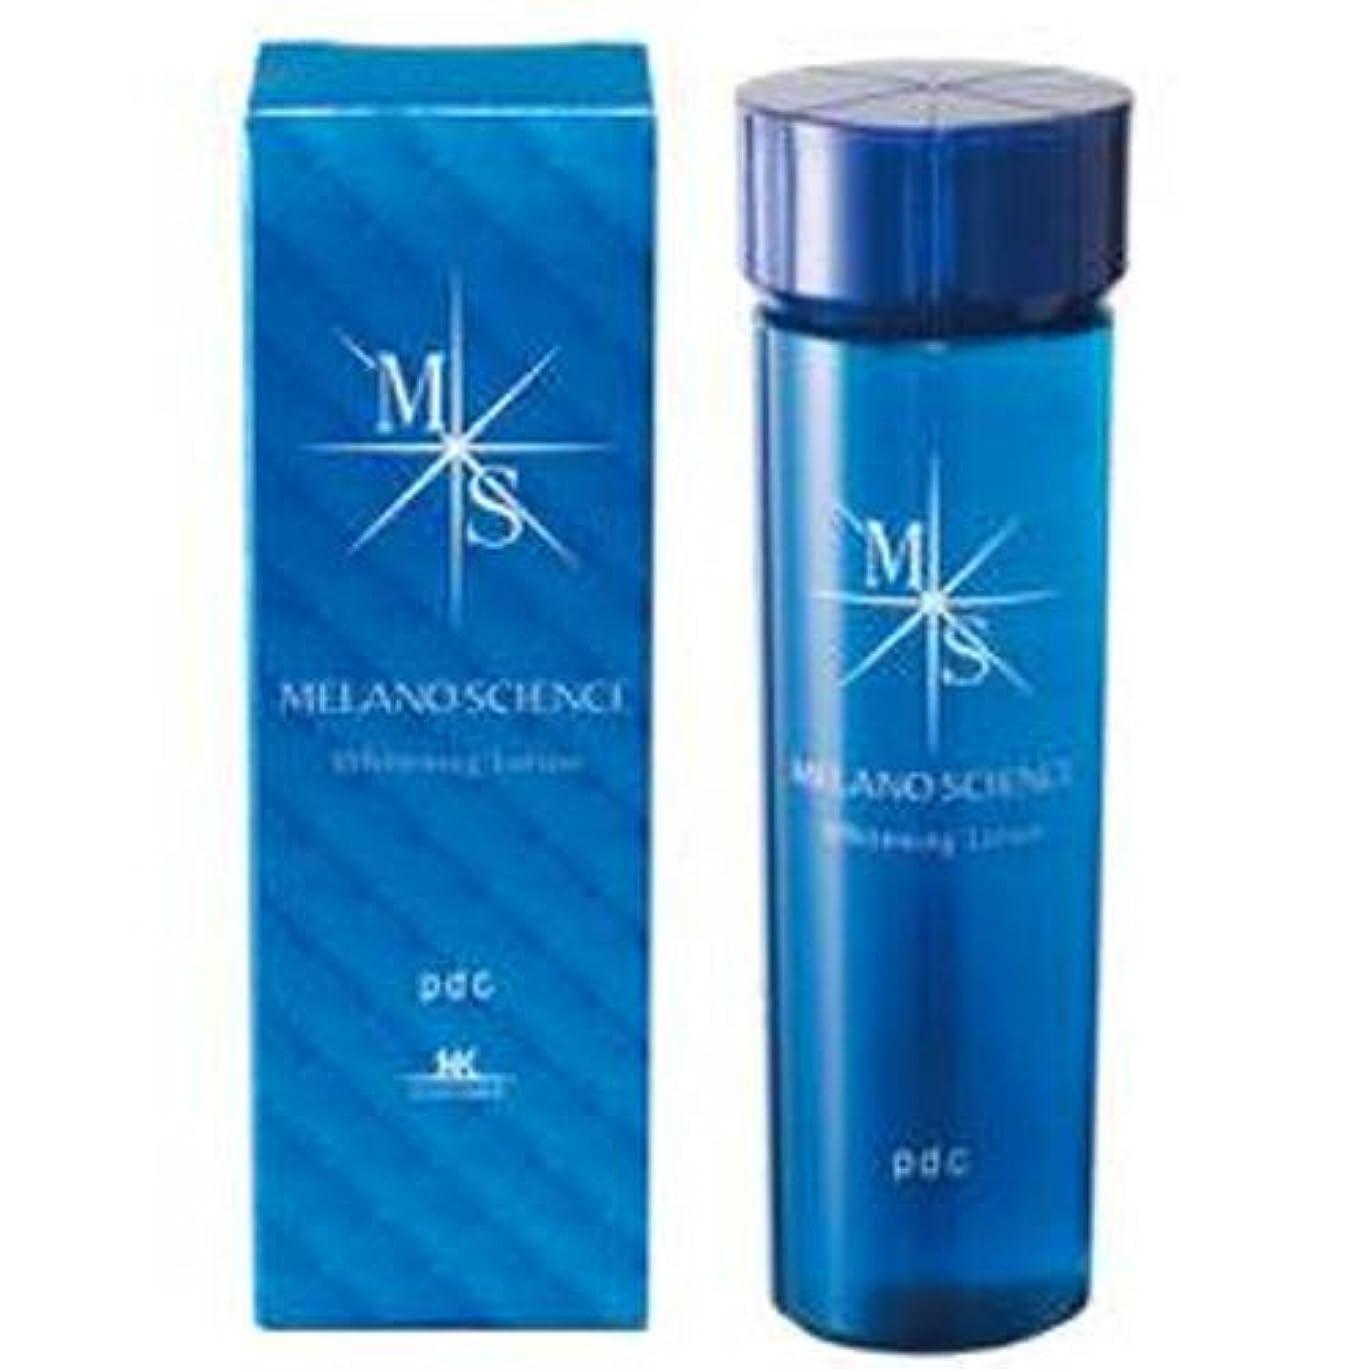 認証ひねり読者MK メラノサイエンス MELANOSCIENCE ホワイトニングローション 150ml 集中美白 アルブチン 化粧水